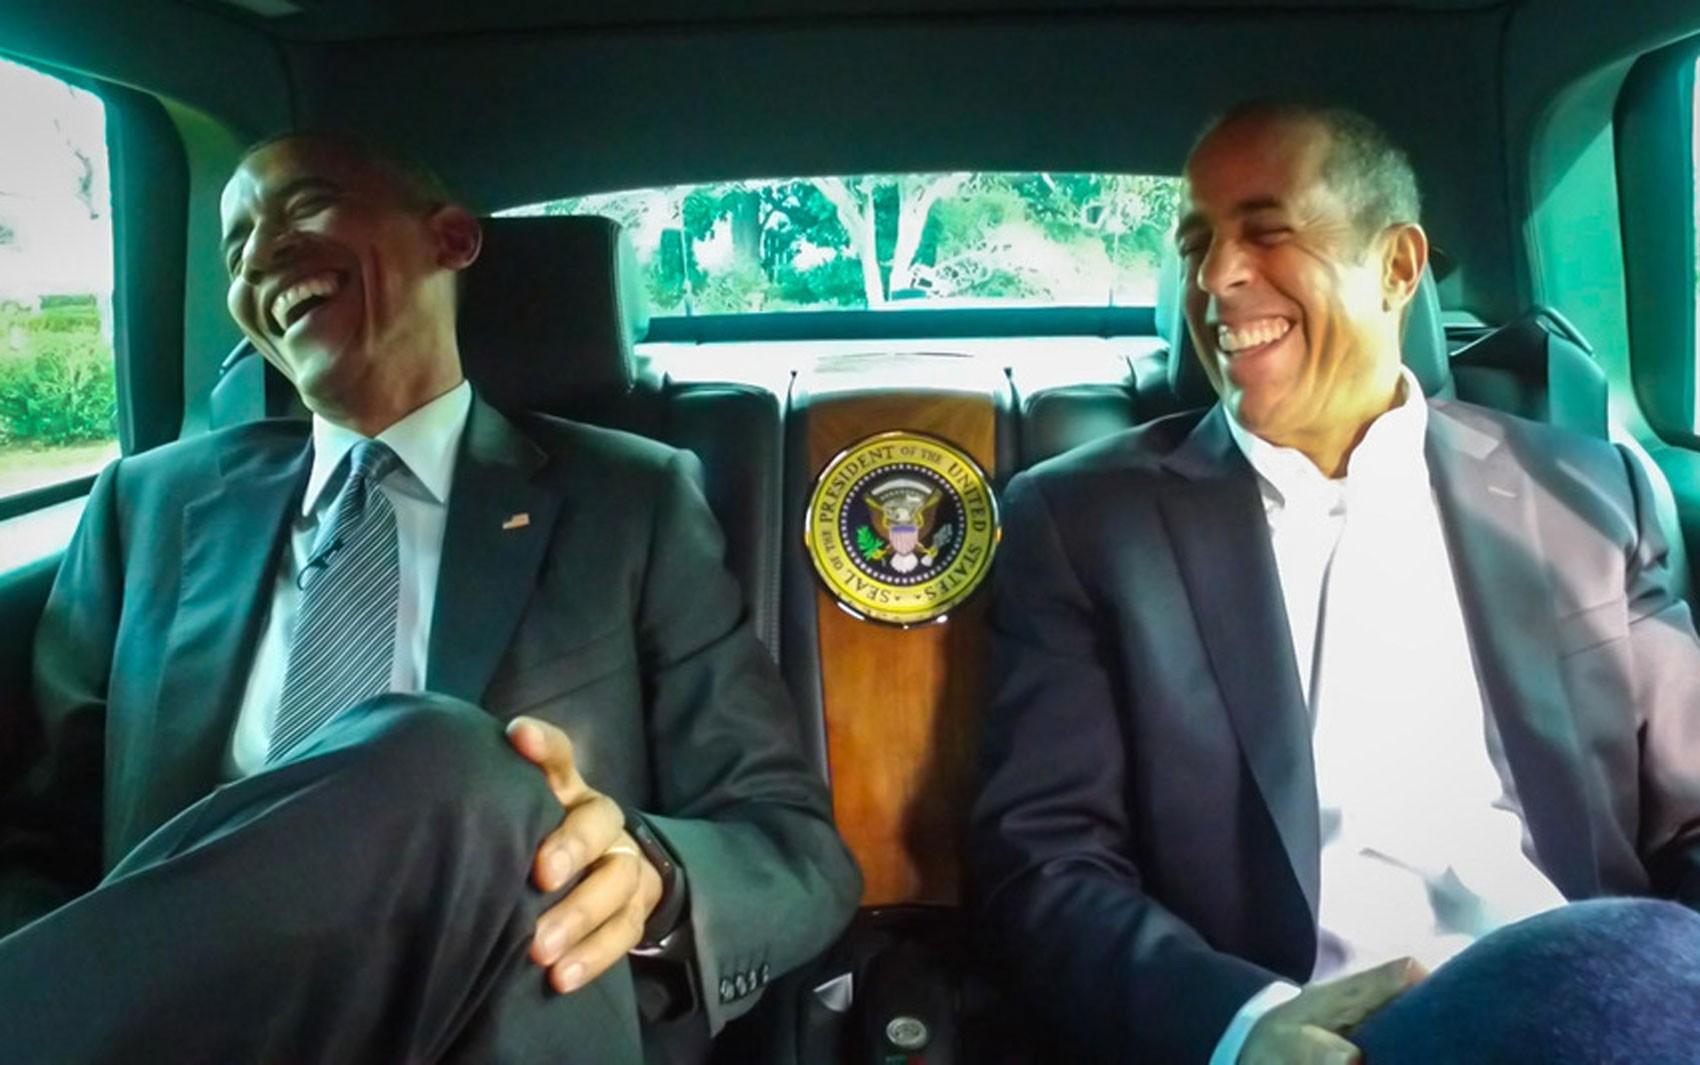 O presidente dos EUA, Barack Obama, e o comediante Jerry Seinfeld em cena de episódio da série 'Comedians in cars getting coffee' (Foto: Divulgação/Crackle)